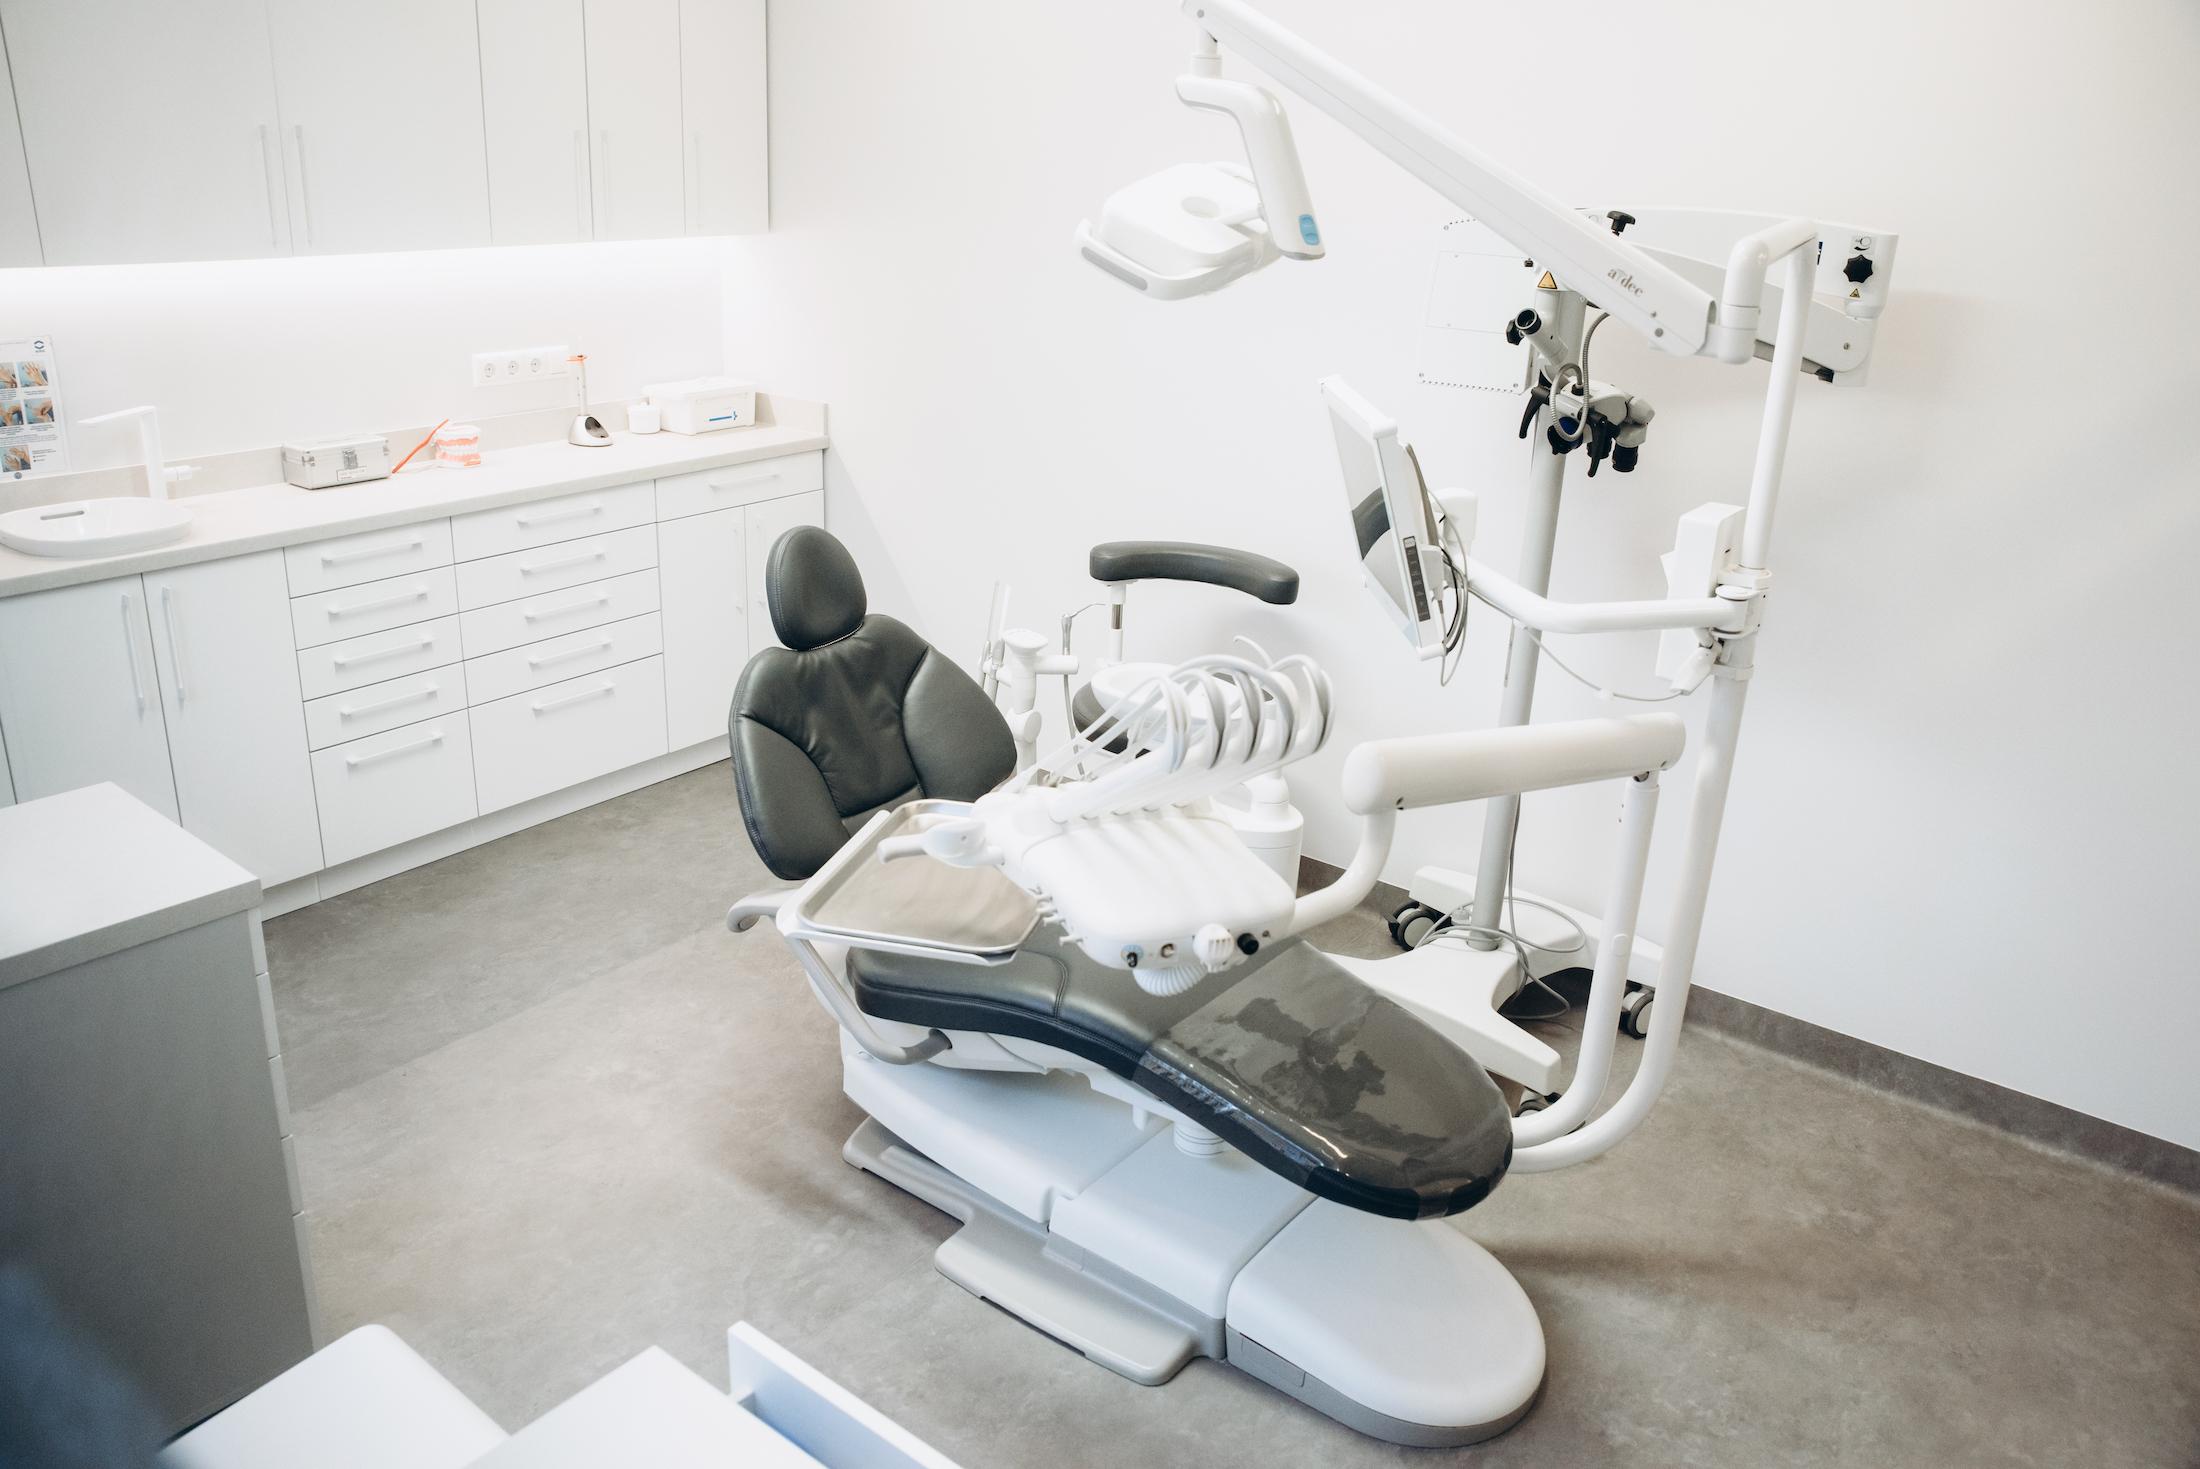 Odontologijos klinikos Fabrica dentis įranga